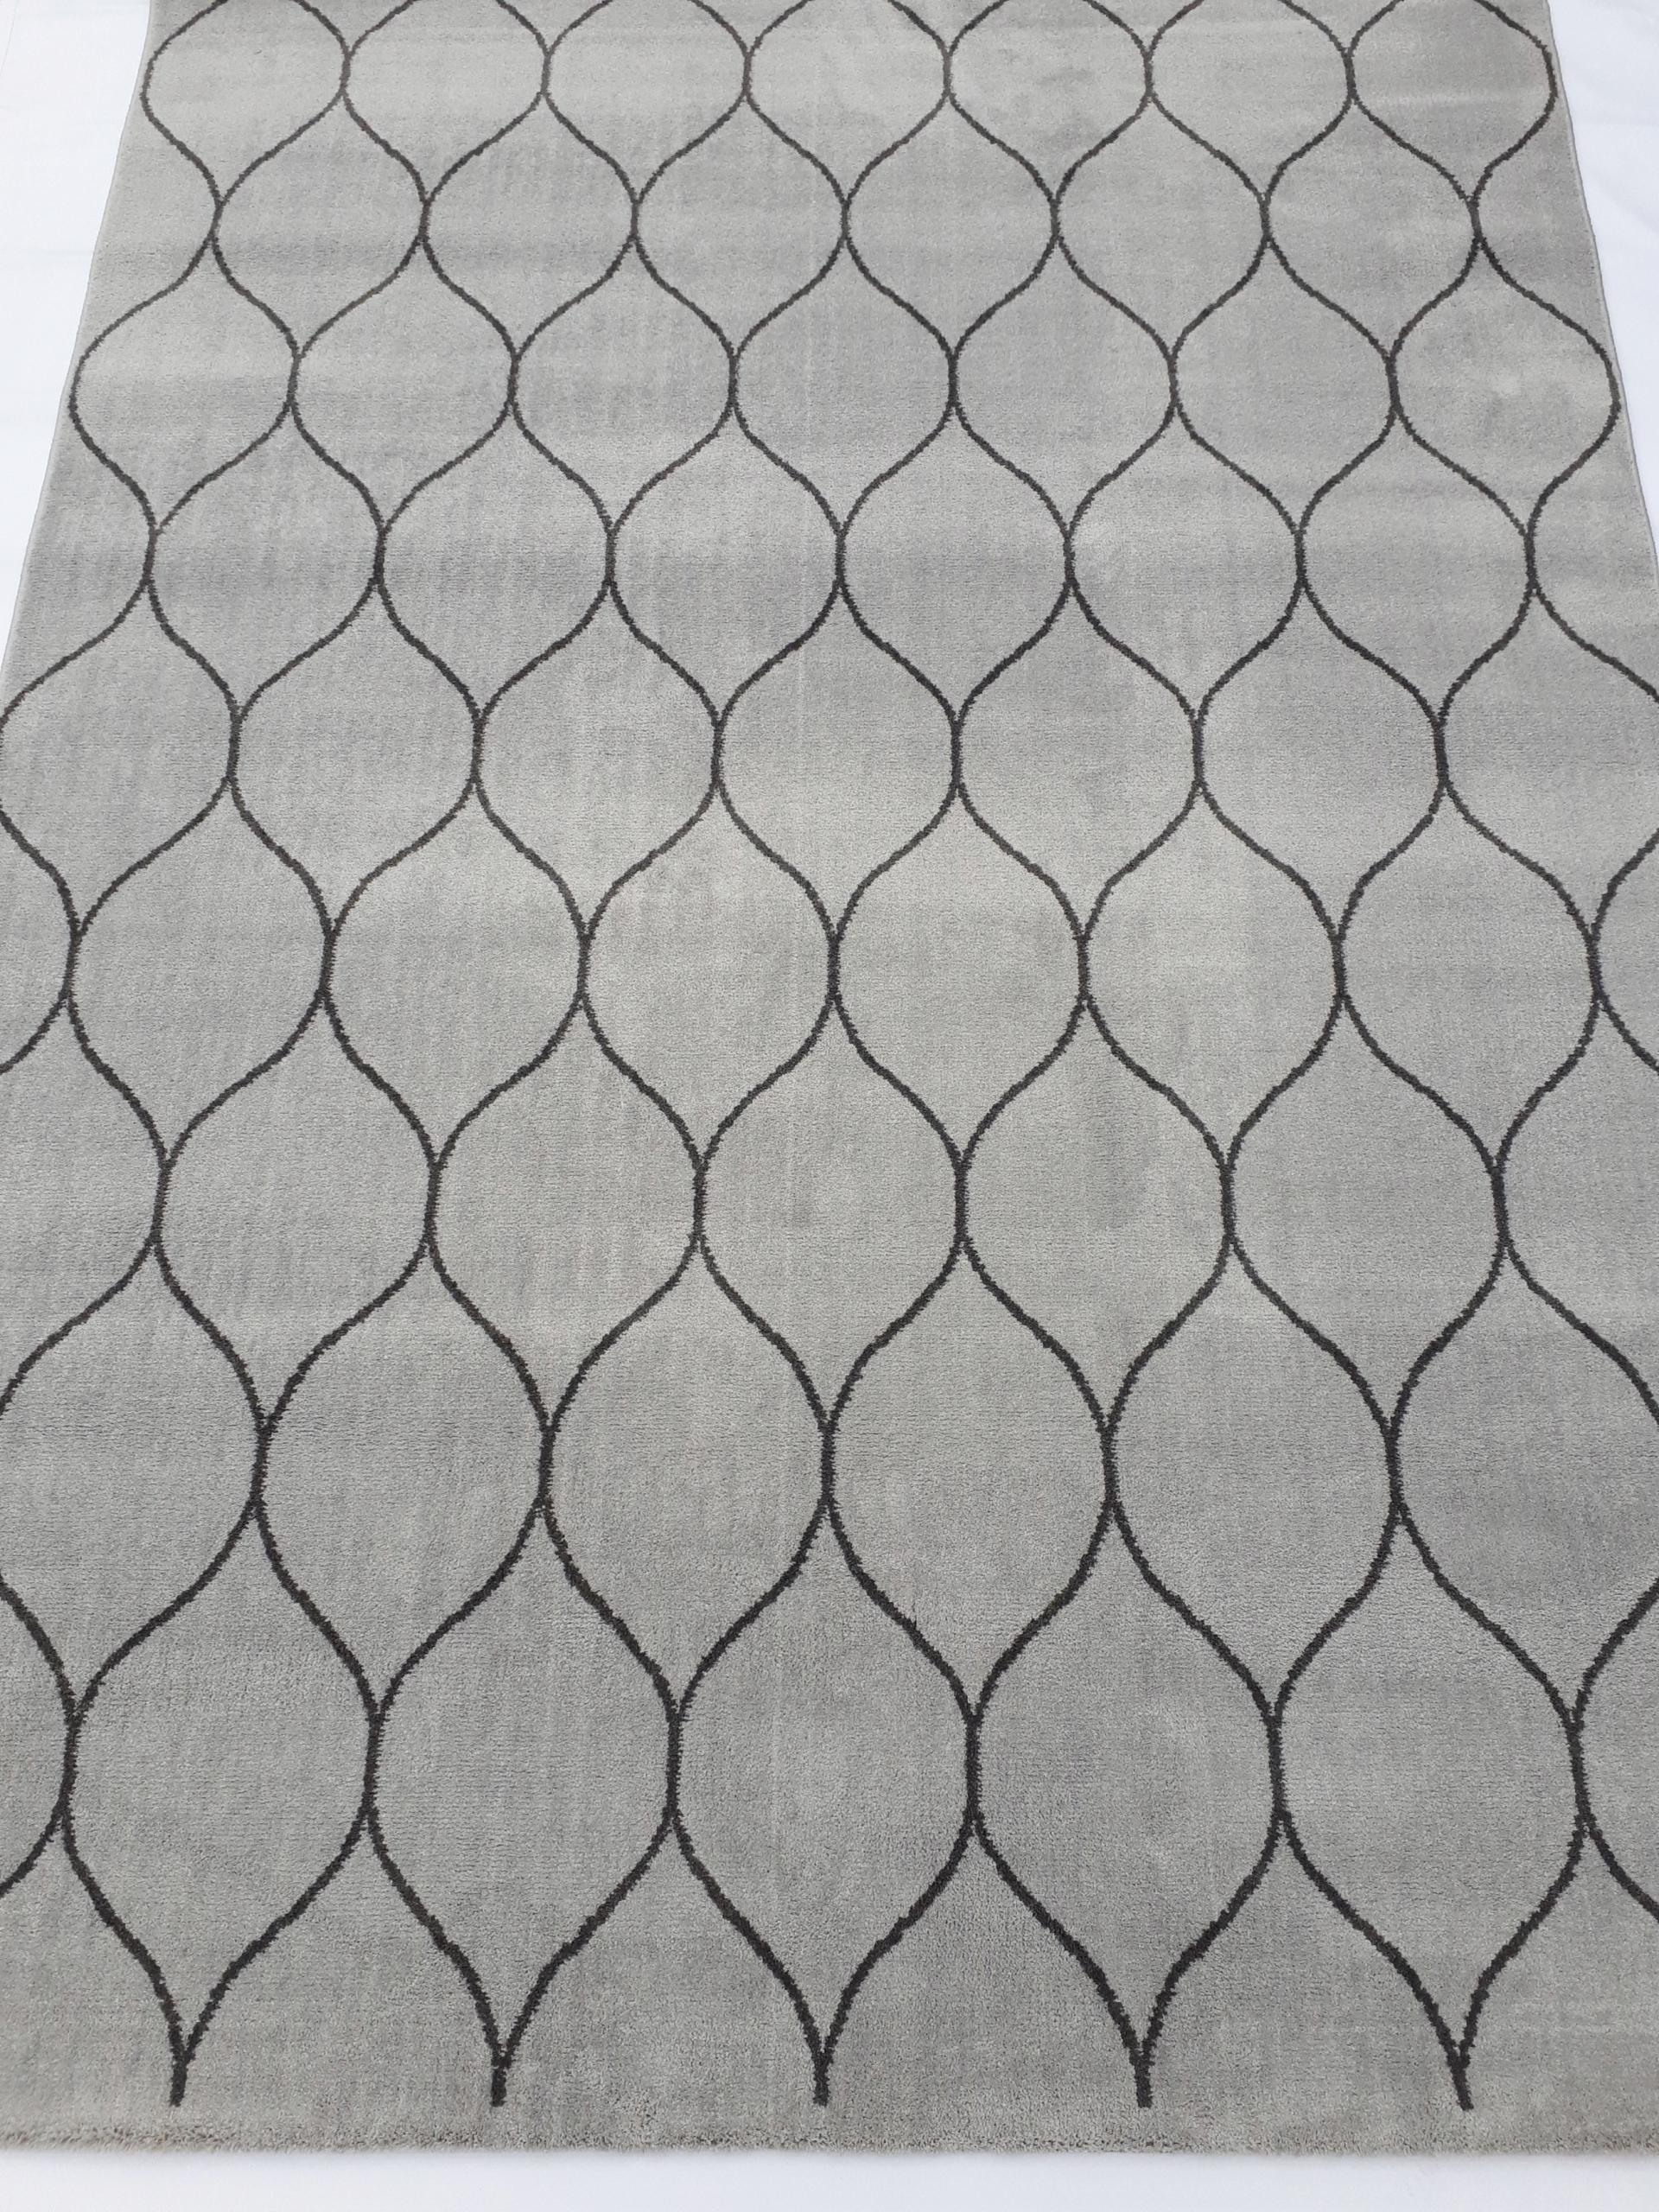 Koberec Koberec 160x230 mäkké ďatelina sivá mikrovlákna